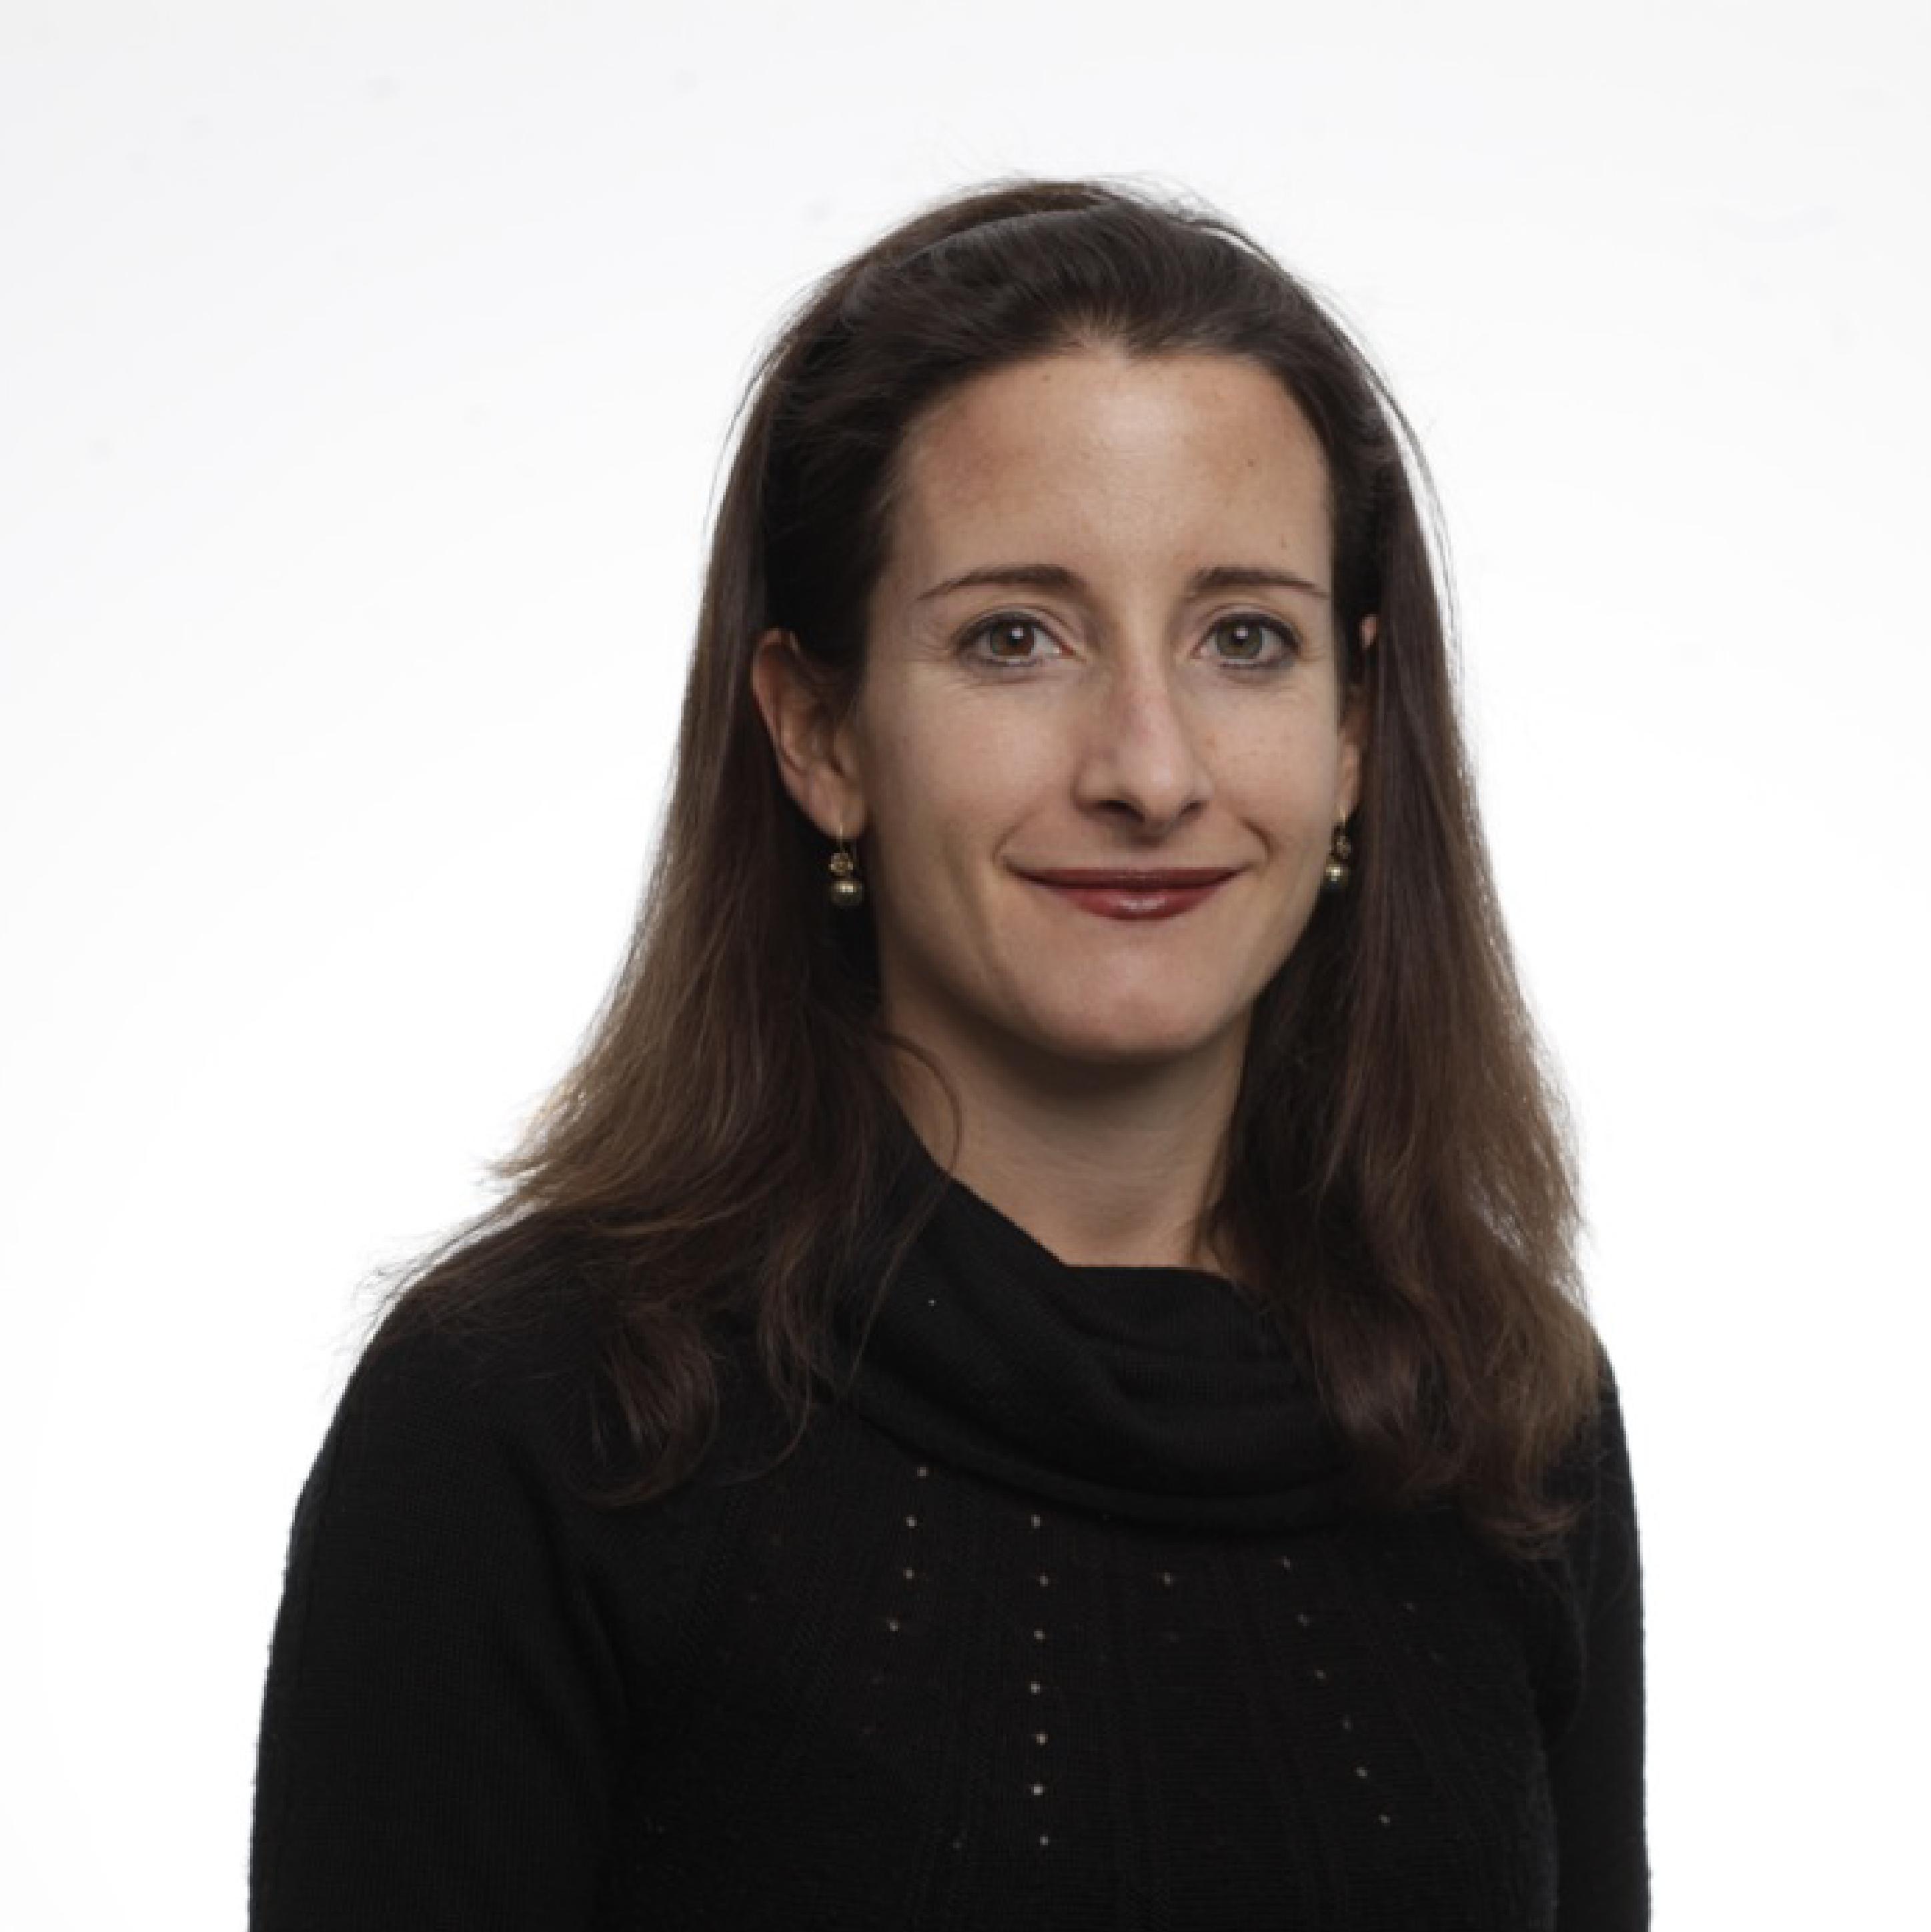 Jessica Toonkel